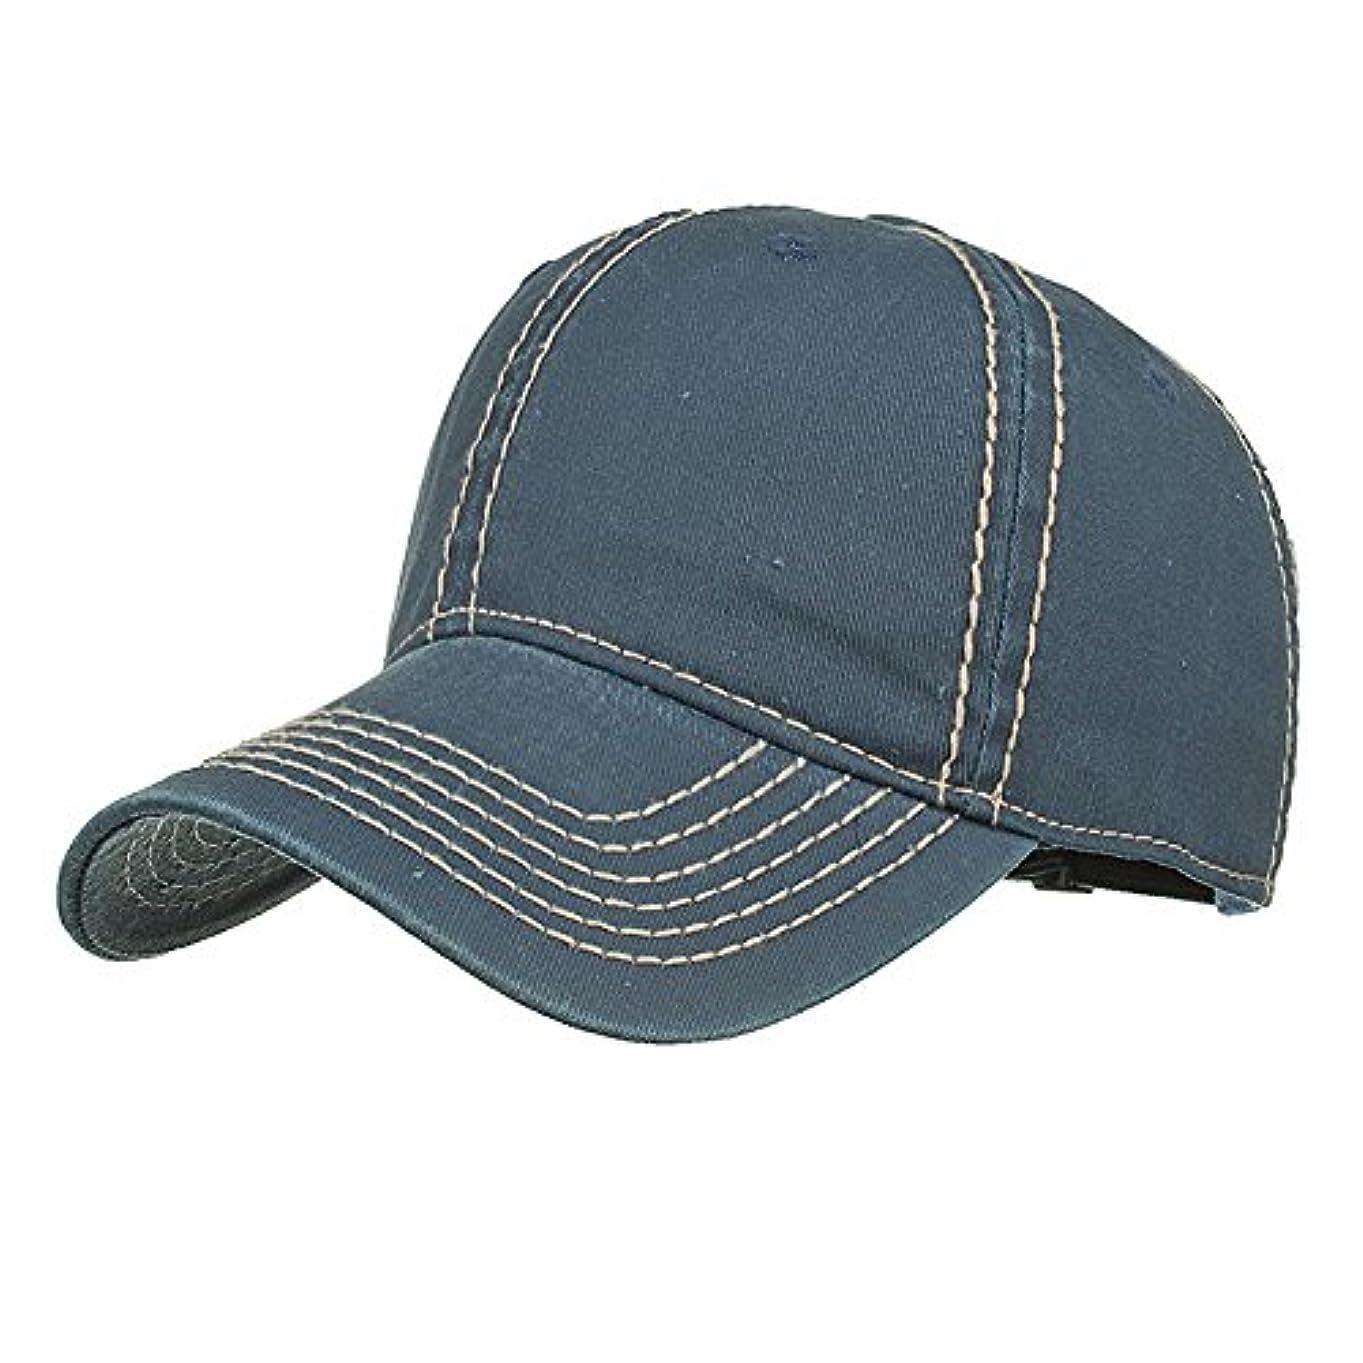 含める化合物絞るRacazing Cap 無地 野球帽 キャップ 夏 登山 通気性のある 帽子 ベルクロ 可調整可能 刺繍 棒球帽 UV 帽子 軽量 屋外 Unisex Hat (C)